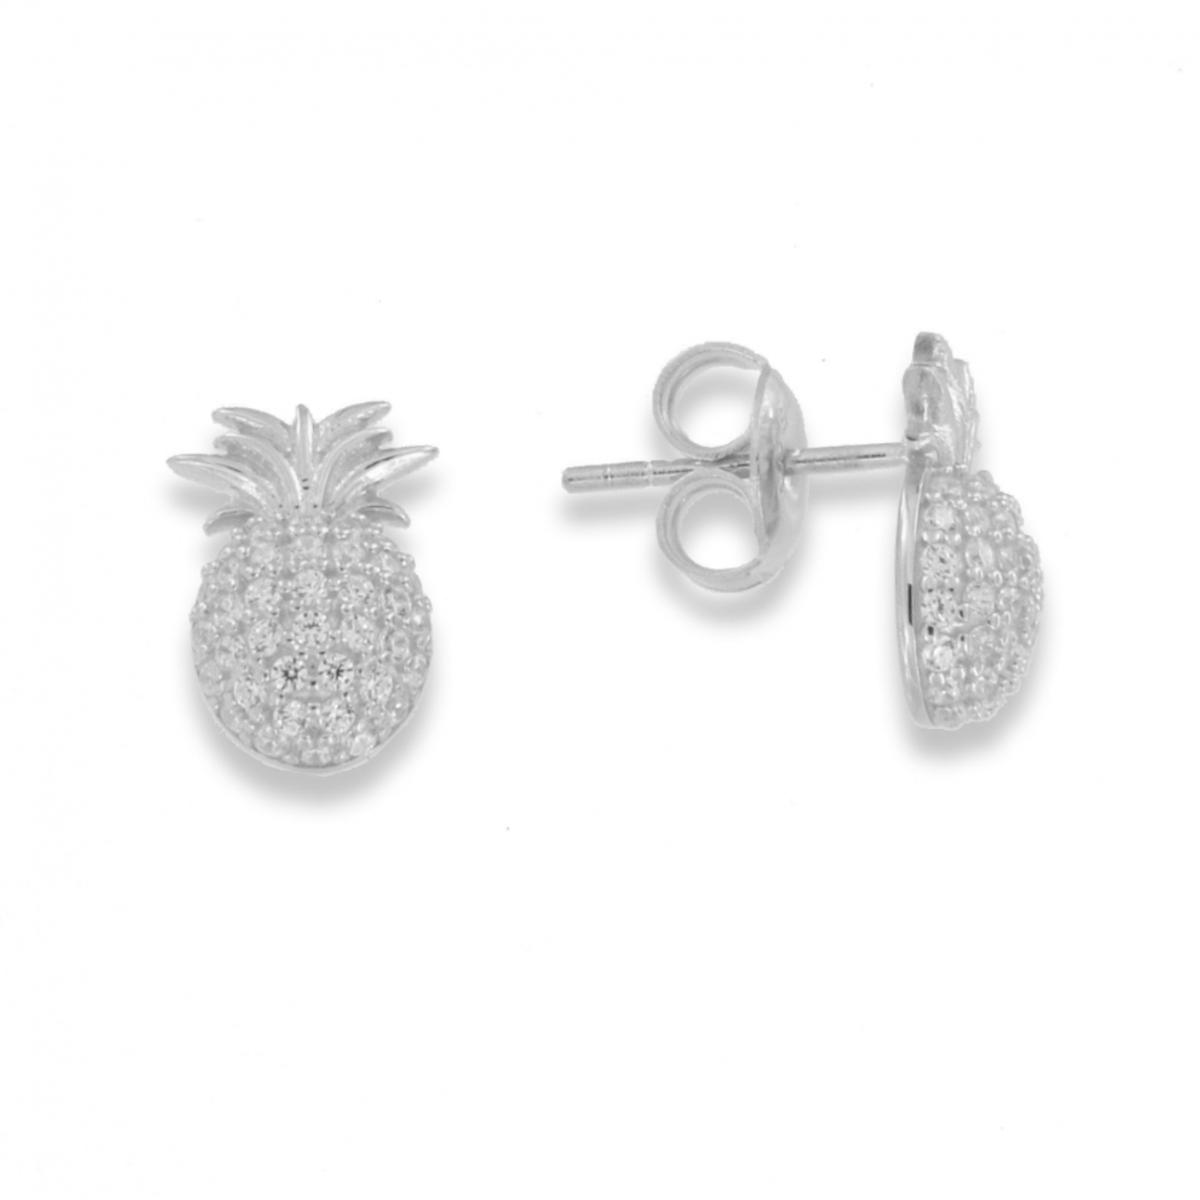 Pineapple Stud